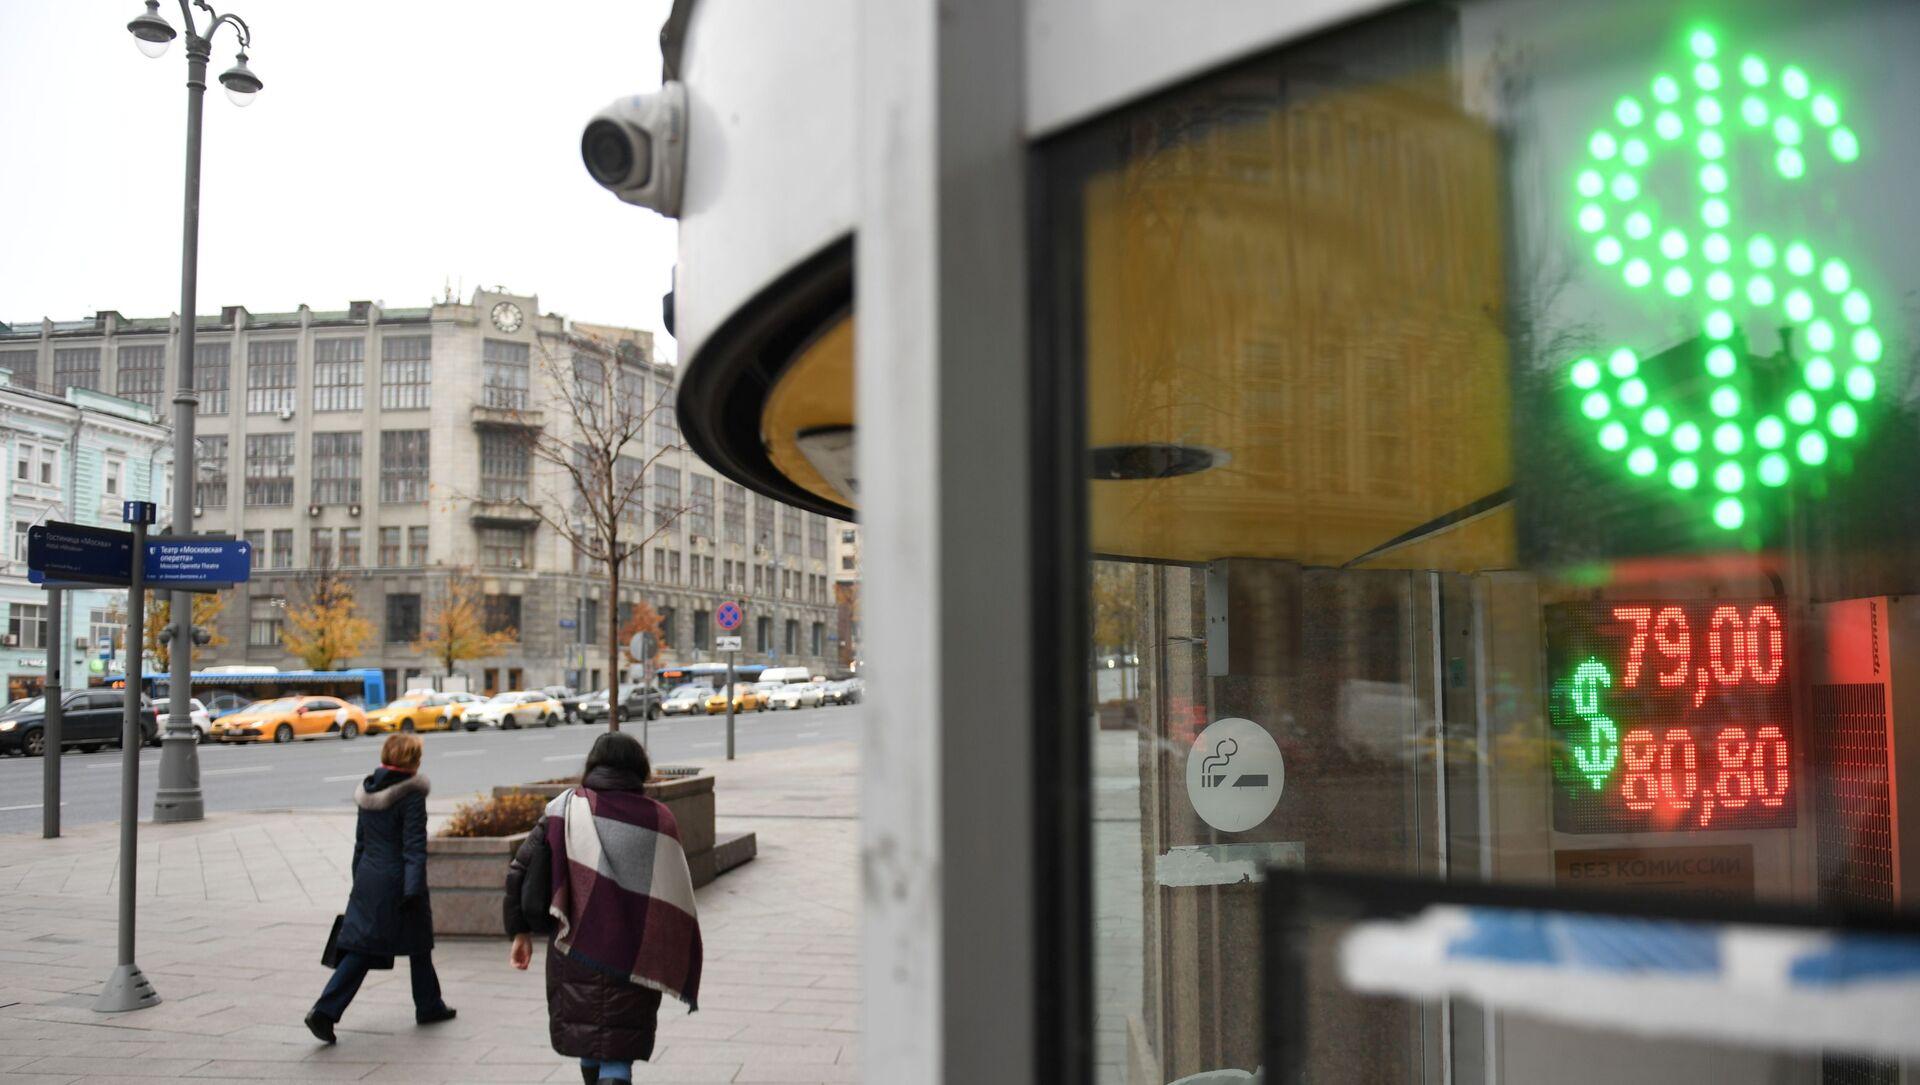 Bảng điểm điện tử với ký hiệu đô la trên đường phố ở Matxcơva. - Sputnik Việt Nam, 1920, 21.09.2021